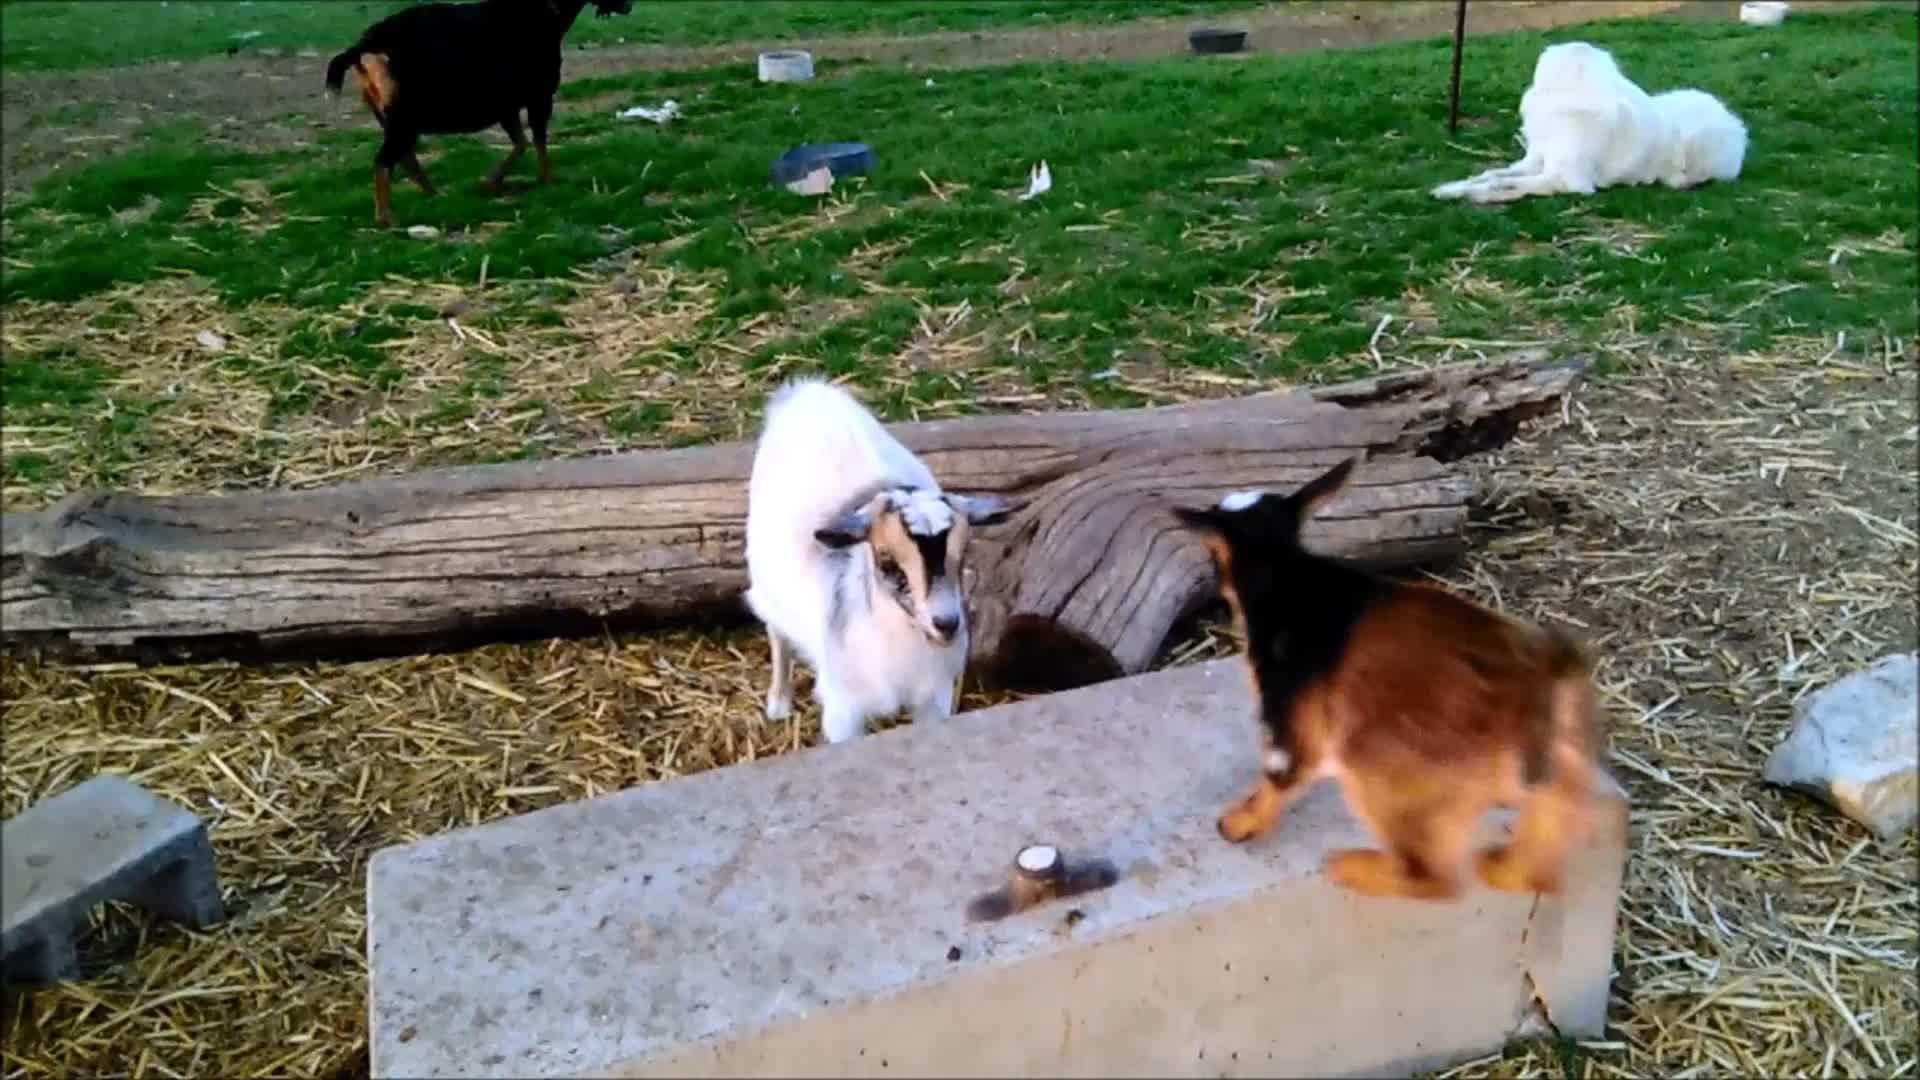 goat, goatparkour, knsfarm, parkour, Top Notch Goat Parkour GIFs